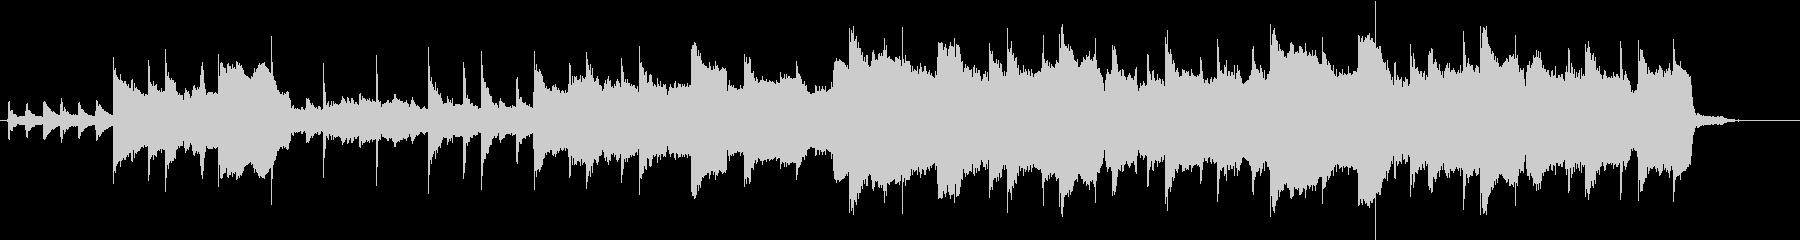 ケルト音楽風のインストゥルメンタルの未再生の波形